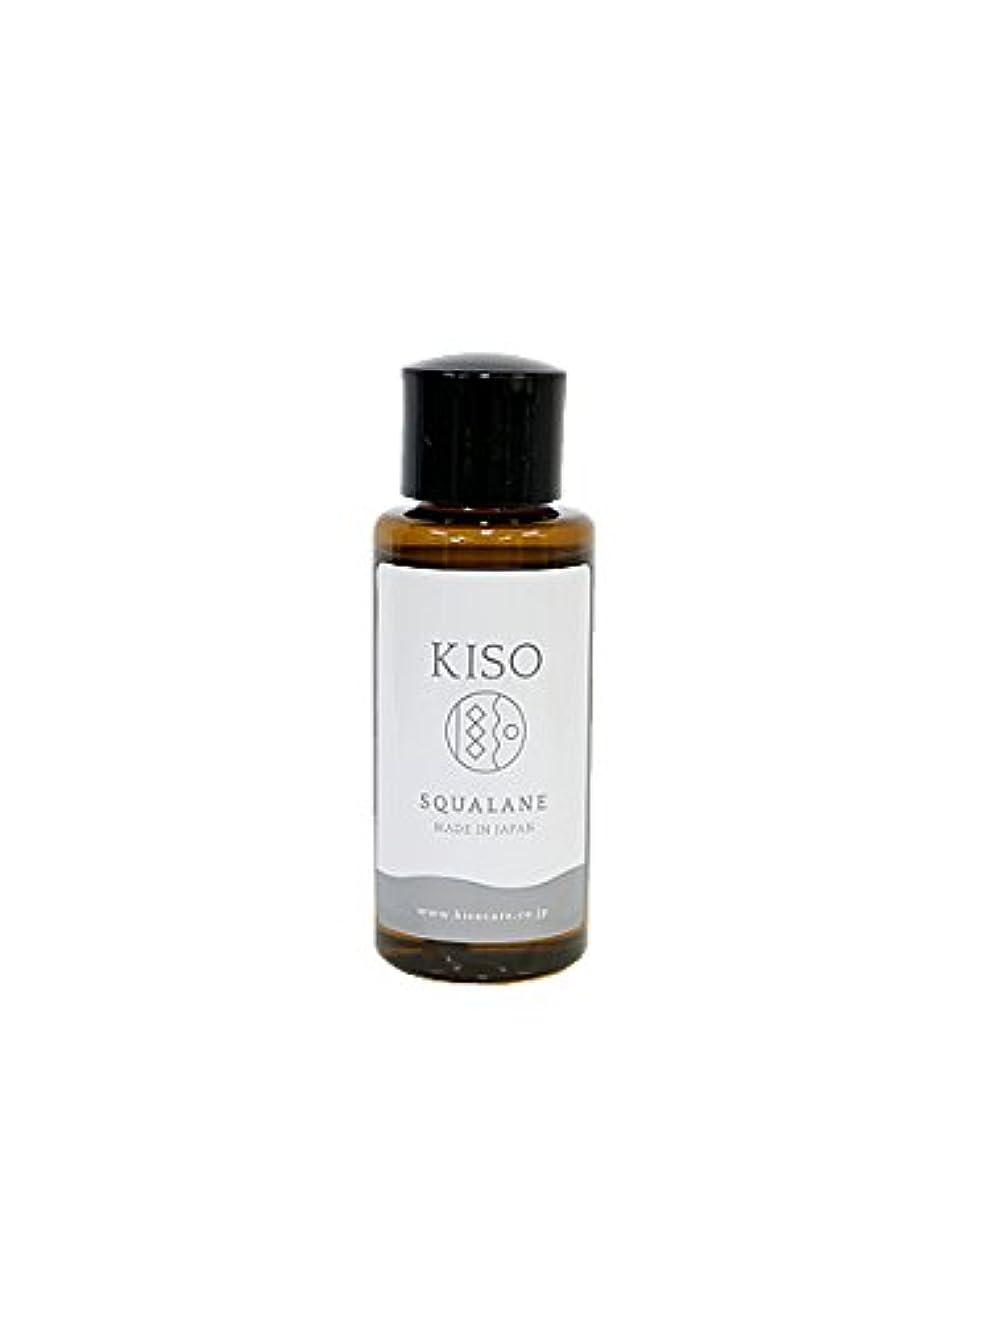 ばかげた東ティモール広大なKISO 高純度 【スクワラン50mL】 100% 深海ザメ肝油/原液/オイル/保湿/低刺激/敏感肌/普通肌/ベビーオイル